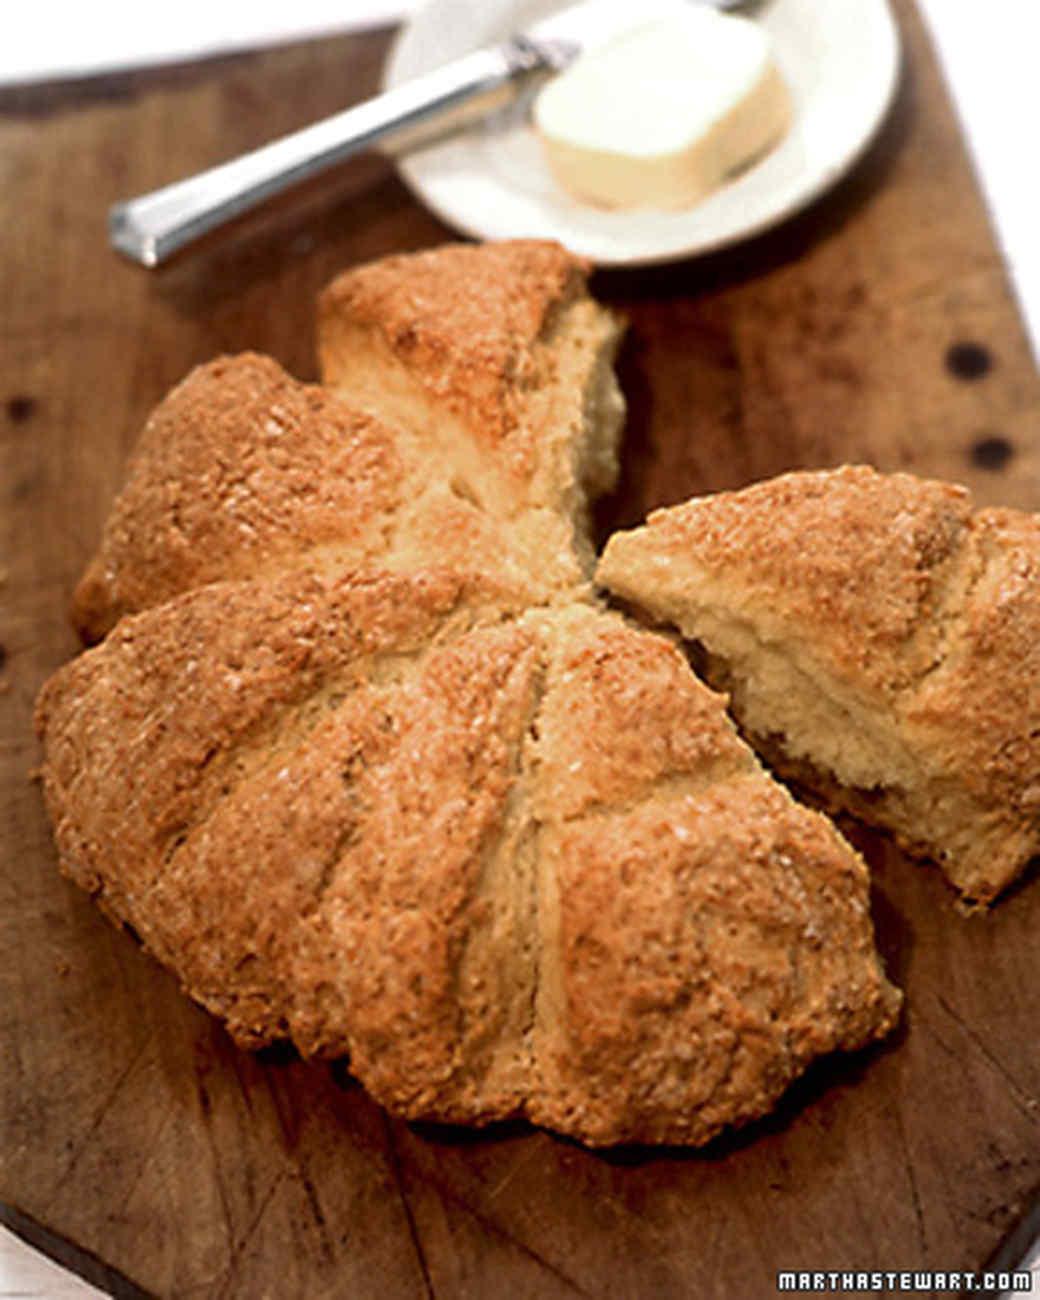 bread_00039_t.jpg